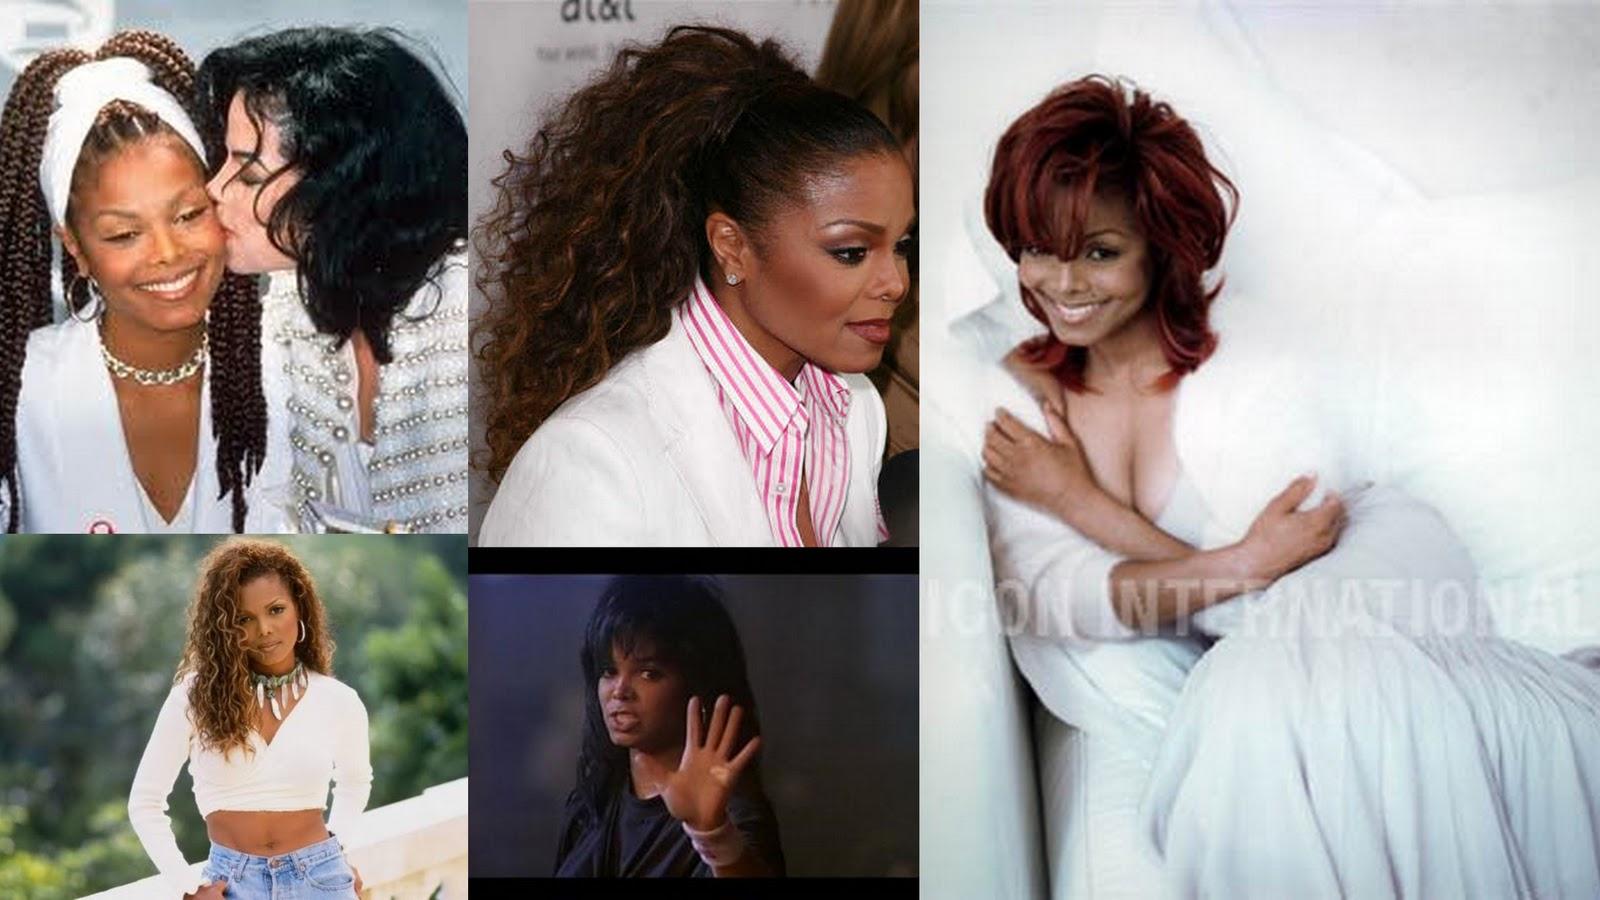 http://2.bp.blogspot.com/_KdzN5WaqkKo/TRJBlpX-lBI/AAAAAAAAAF0/k2JJl2-5tME/s1600/Janet+Jackson1.jpg